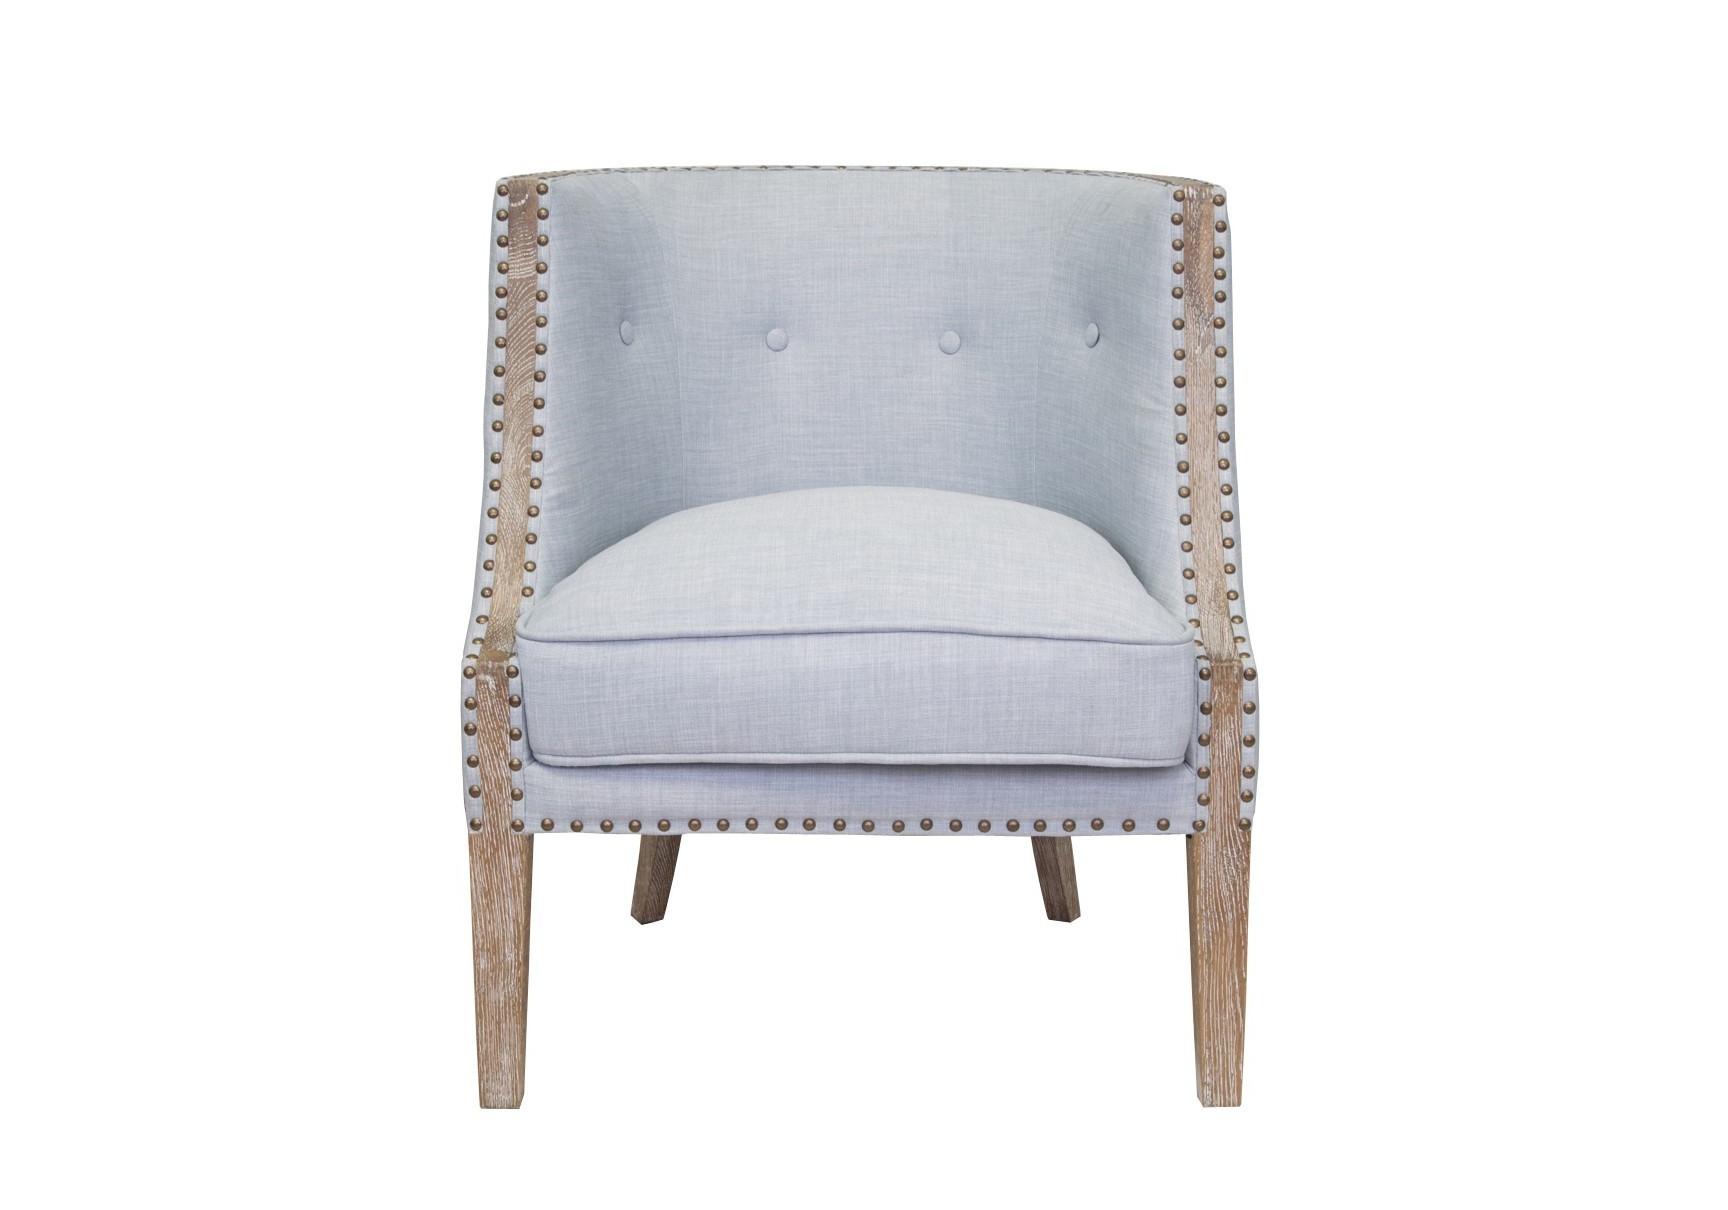 Кресло KontiПолукресла<br>&amp;lt;div&amp;gt;Это роскошное кресло на высоких ножках подарит вашему дому шик и уют. Кресло Konti подойдет для оформления дизайн-проекта как в стиле прованс, так и в современном стиле.&amp;lt;/div&amp;gt;&amp;lt;div&amp;gt;&amp;lt;br&amp;gt;&amp;lt;/div&amp;gt;&amp;lt;div&amp;gt;Цвет: светло-лиловый&amp;lt;br&amp;gt;&amp;lt;/div&amp;gt;<br><br>Material: Лен<br>Width см: 63<br>Depth см: 68<br>Height см: 86